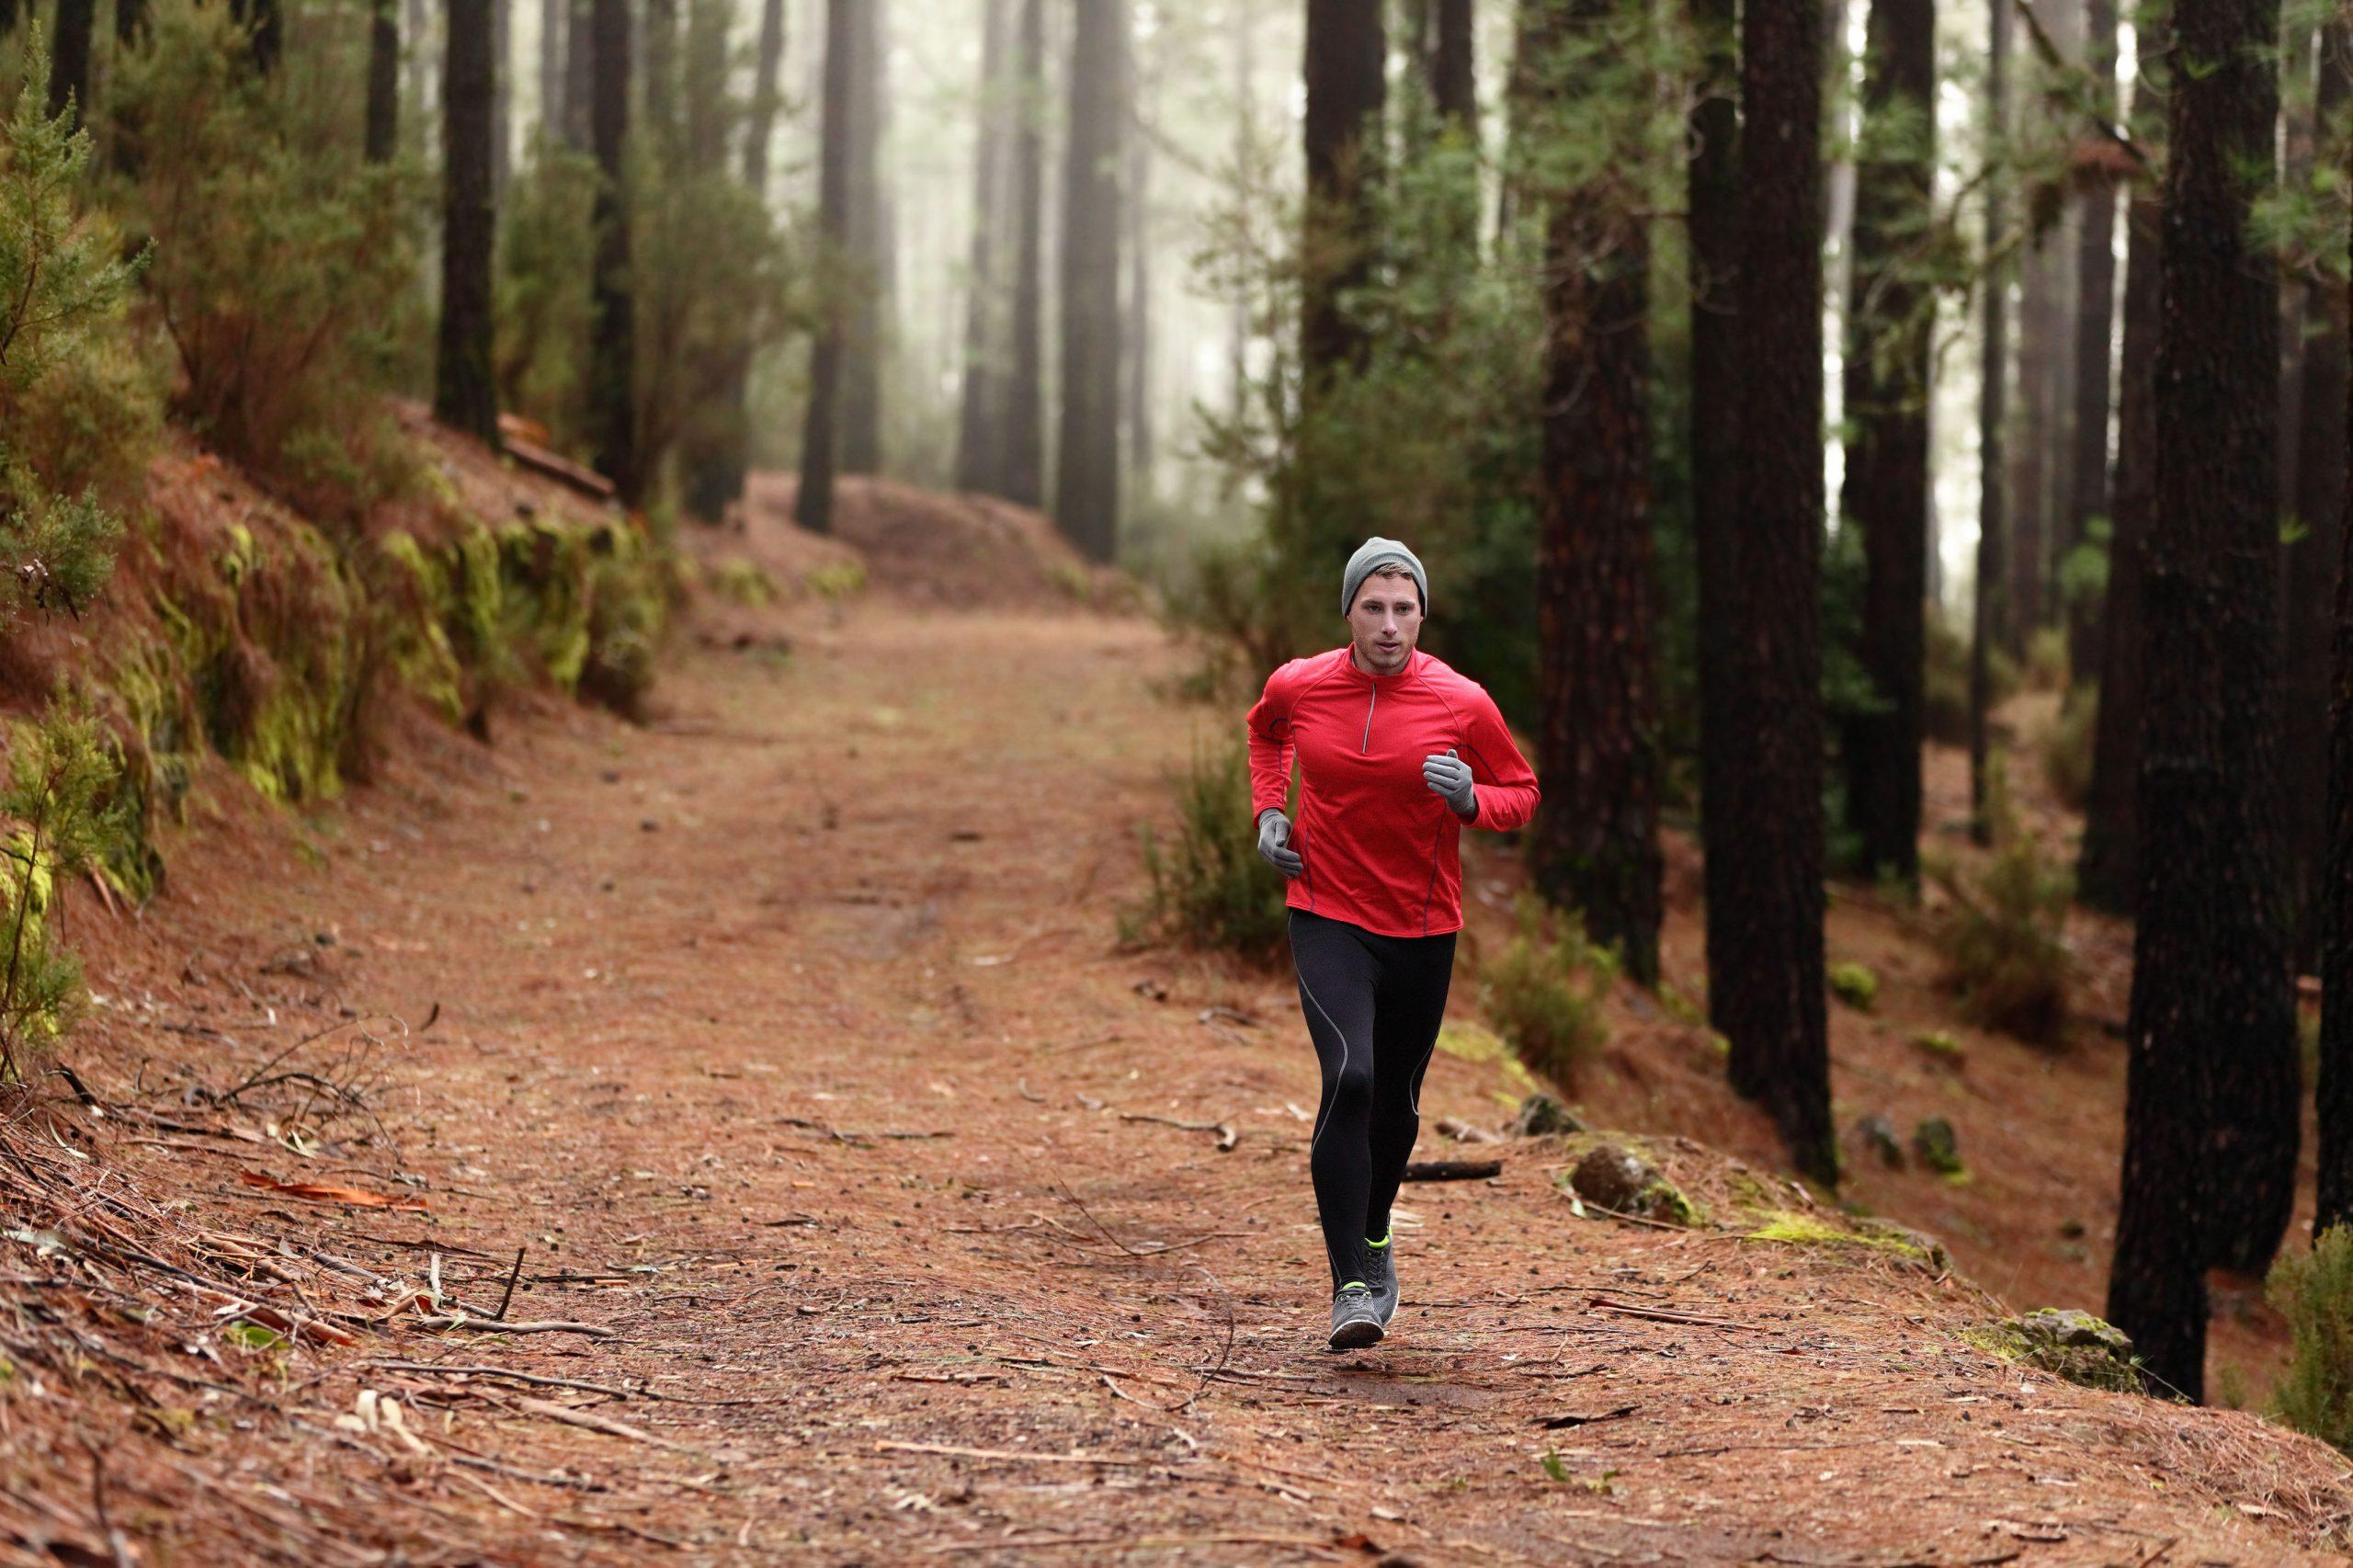 Homme jogging